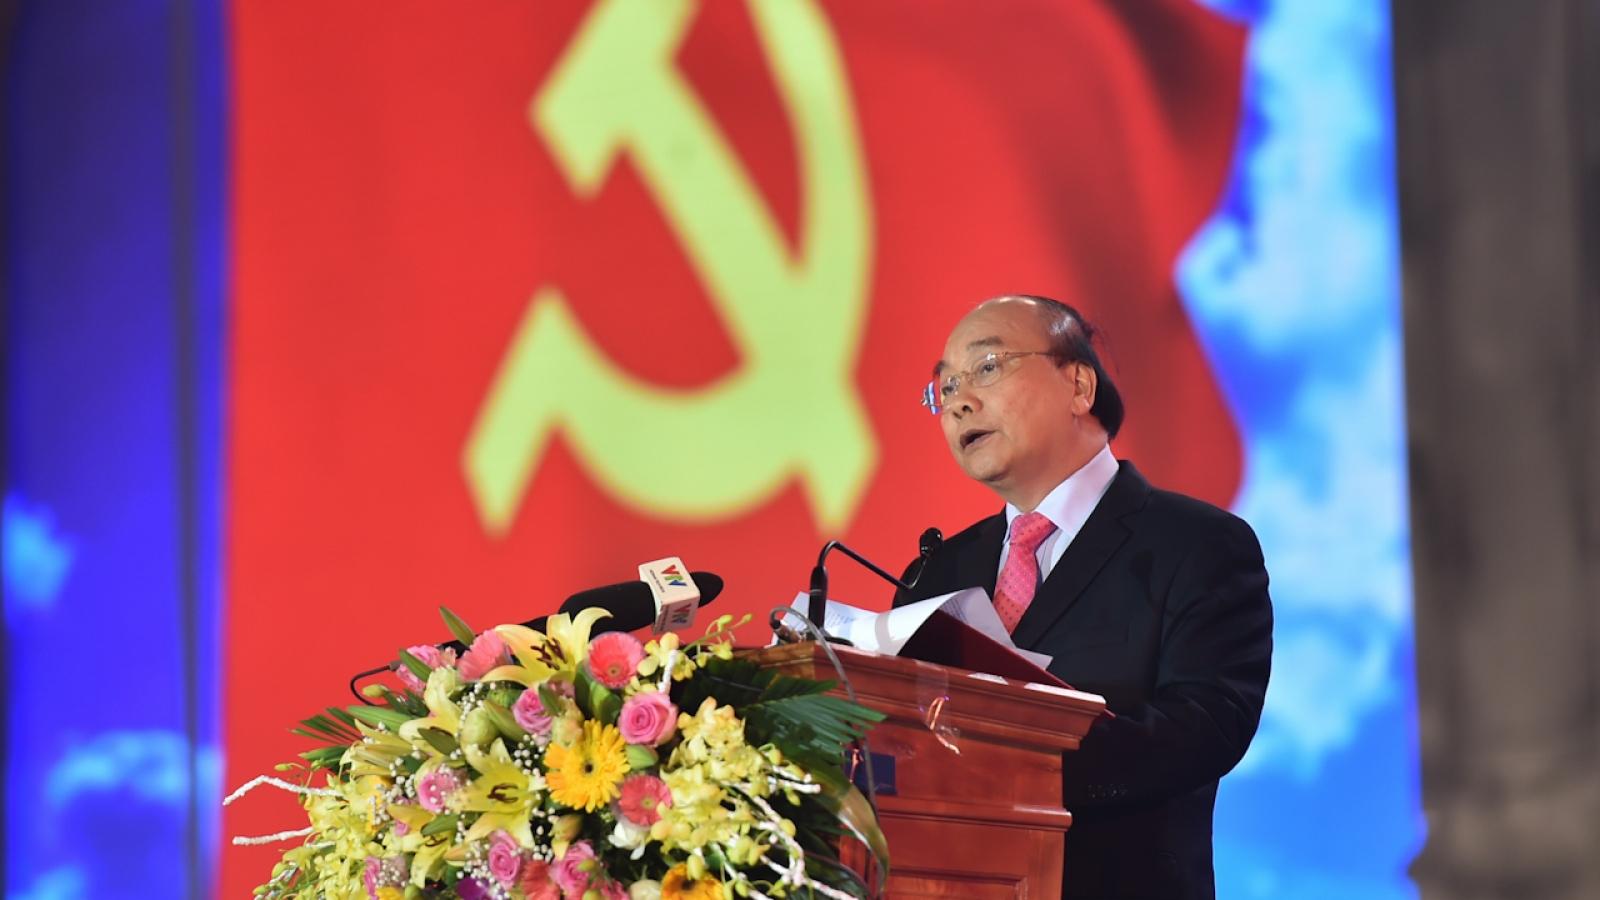 Thủ tướng: Cần giáo dục về lòng biết ơn và tự hào về người nông dân Việt Nam